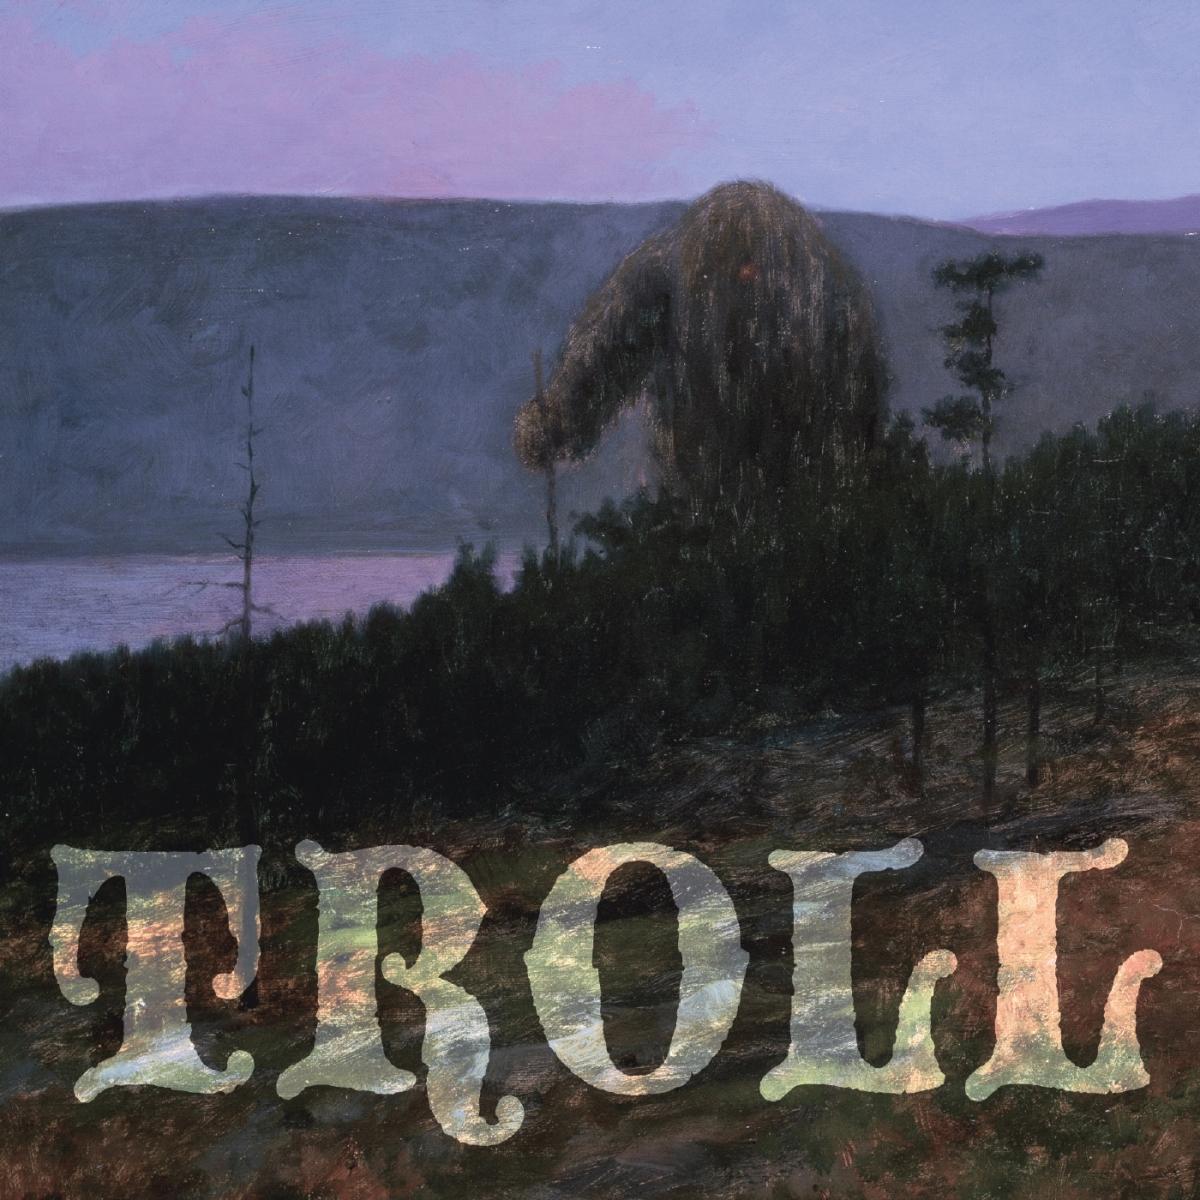 TROLL- S/T